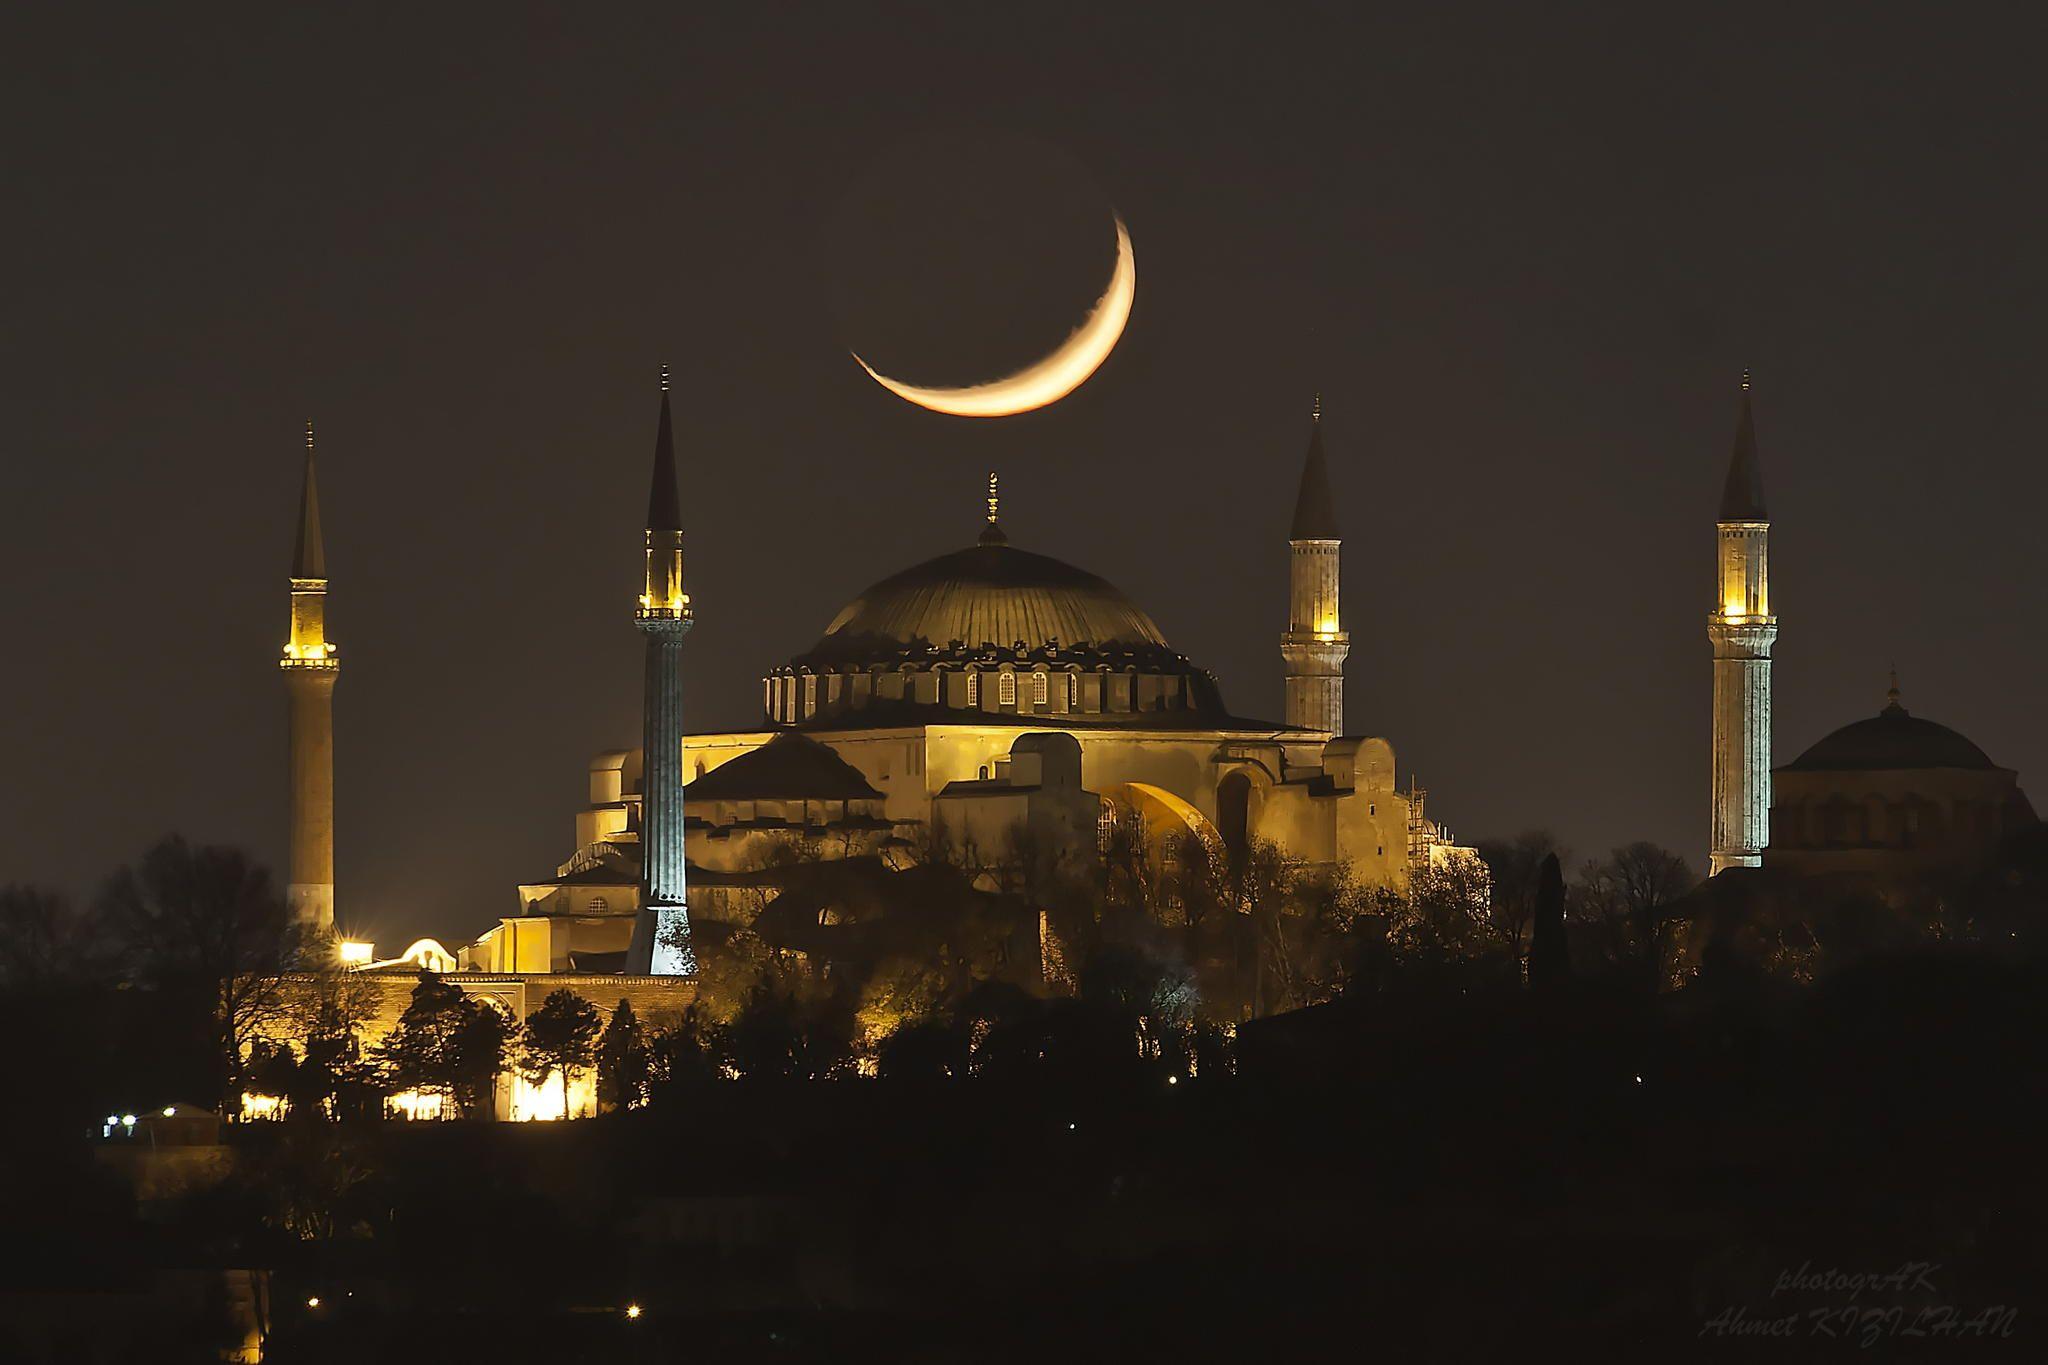 Картинки мусульманам спокойной ночи, марта своими руками